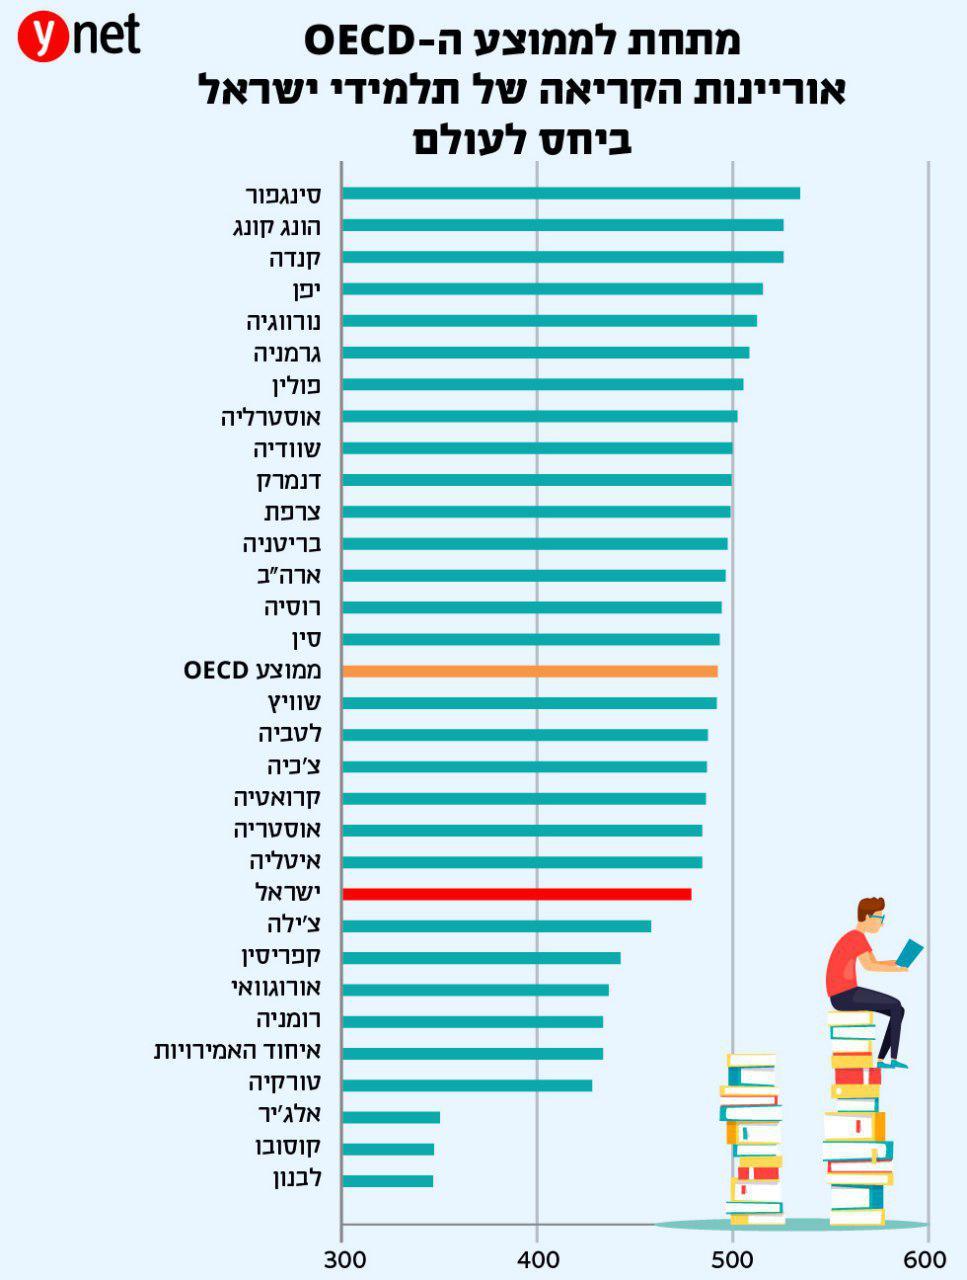 אוריינות הקריאה של תלמידי ישראל ביחס לעולם, מתחת לממוצע ה OECD ()